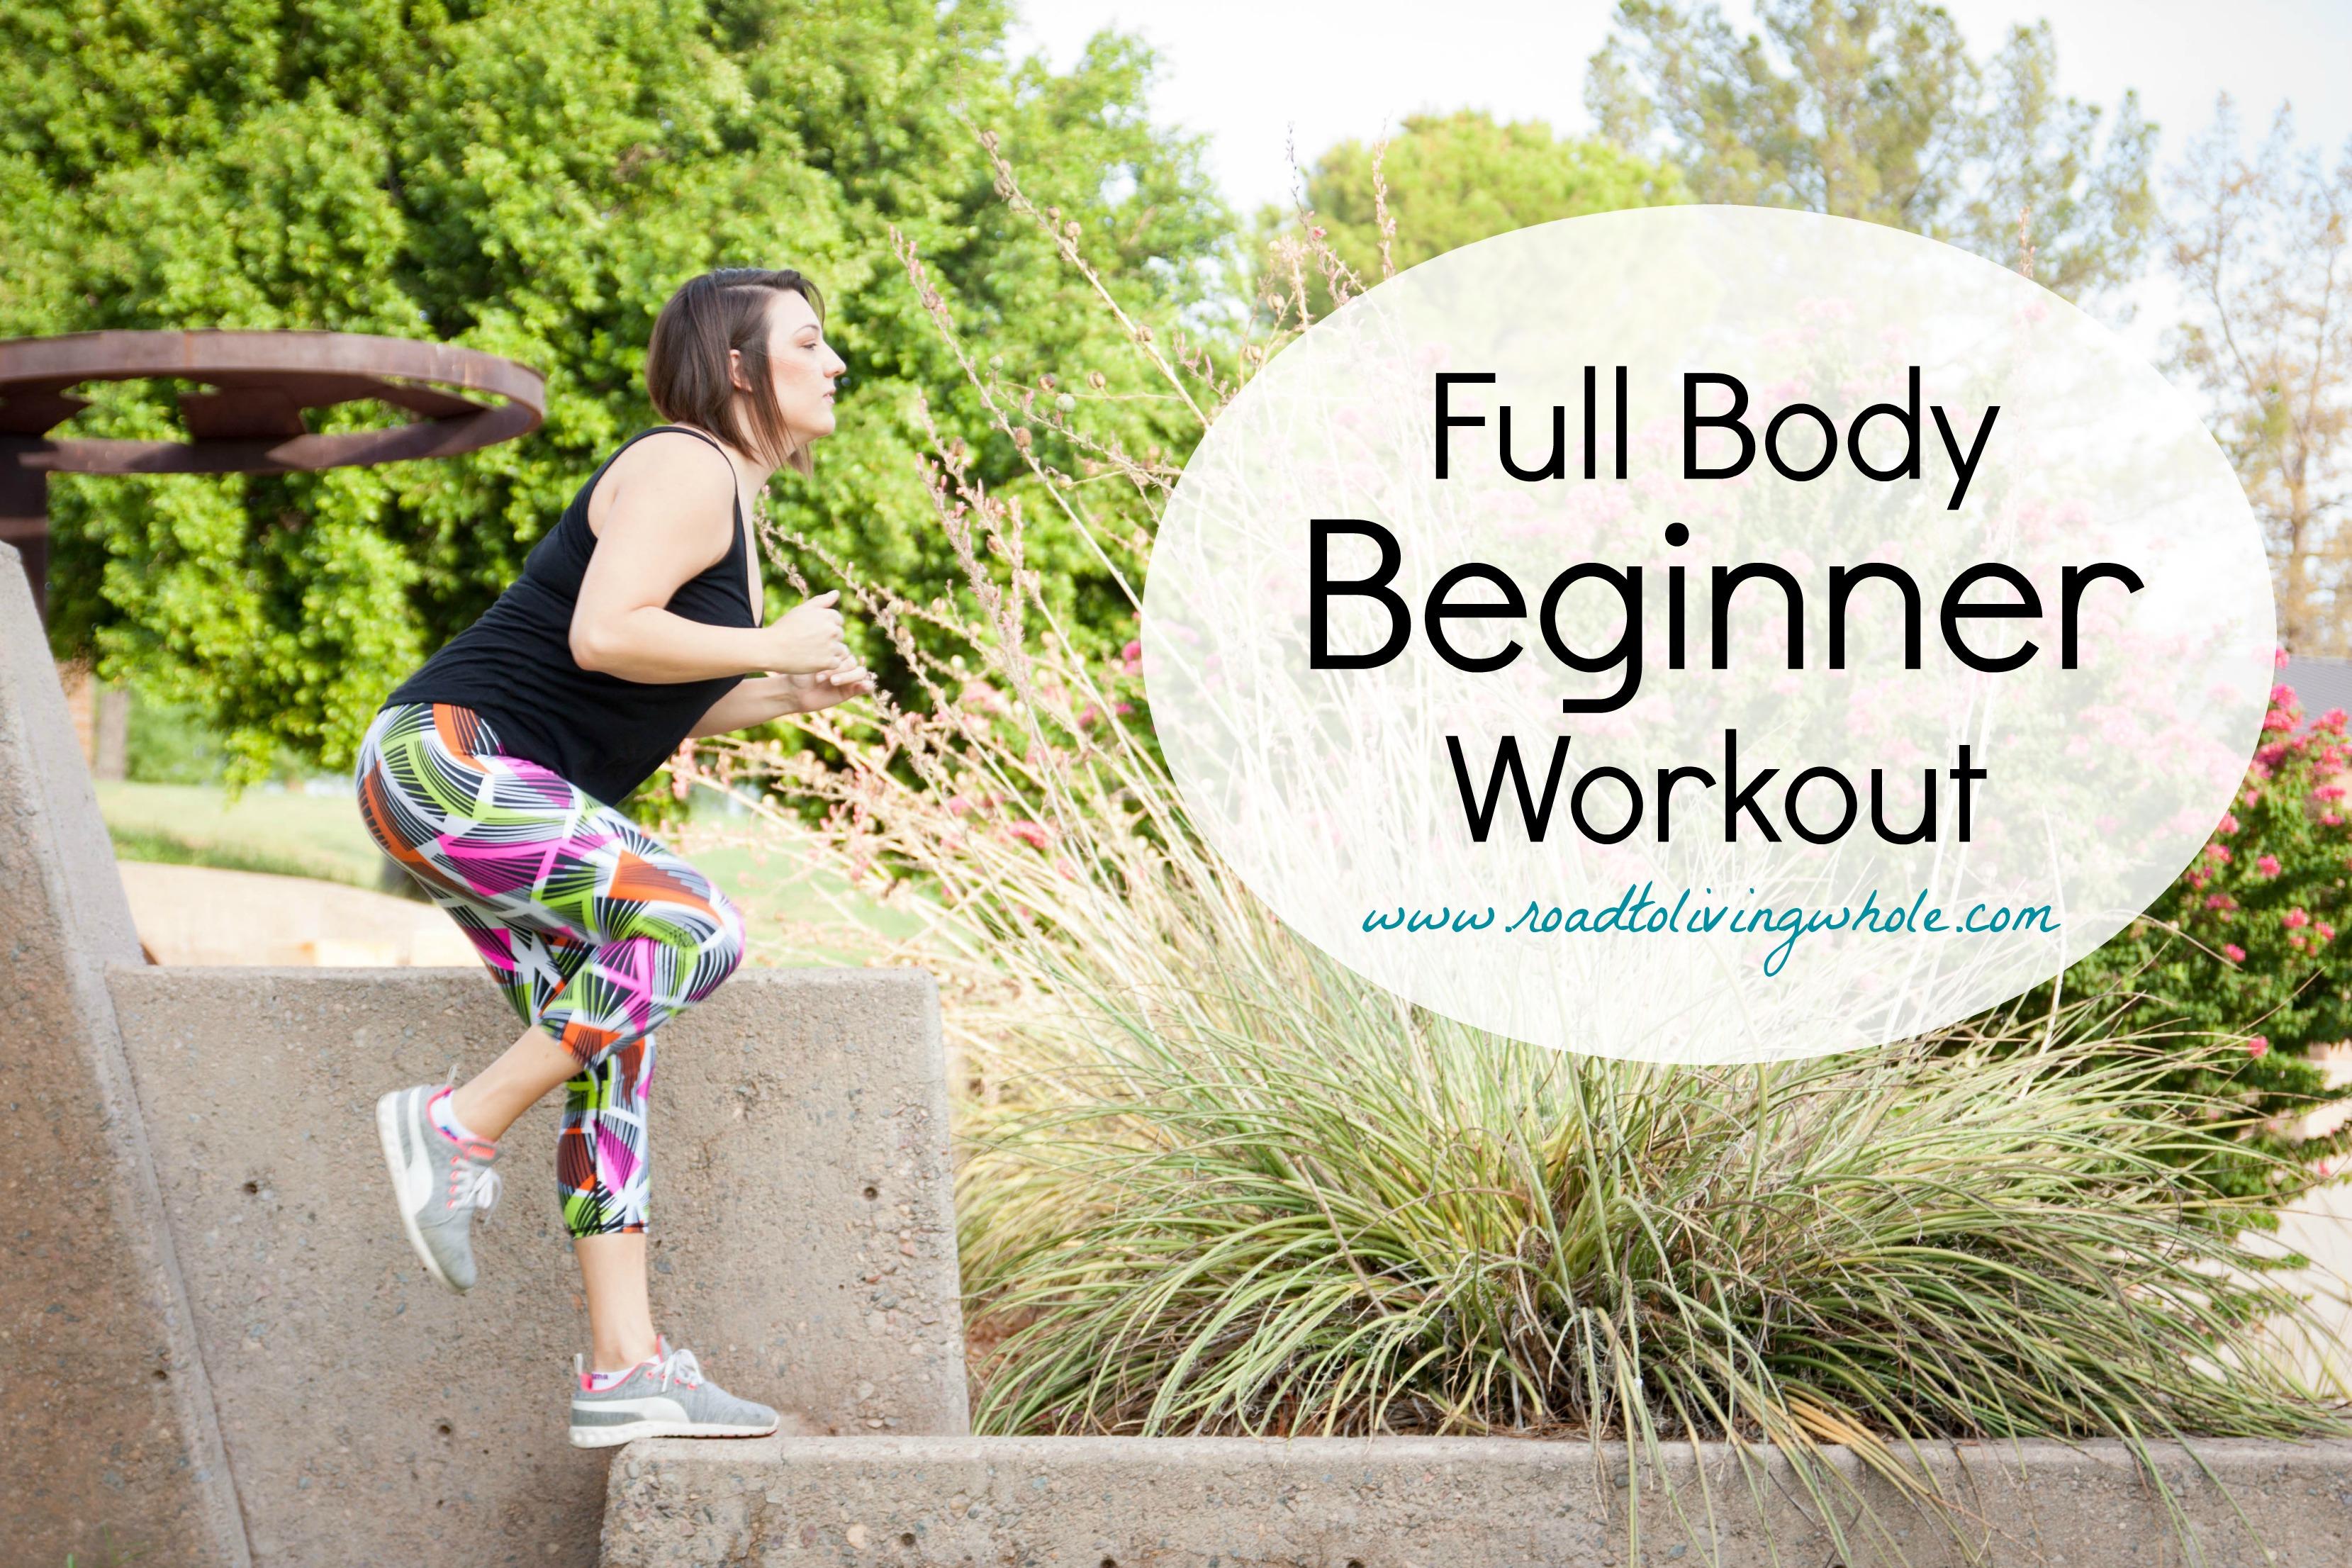 full body beginner workout